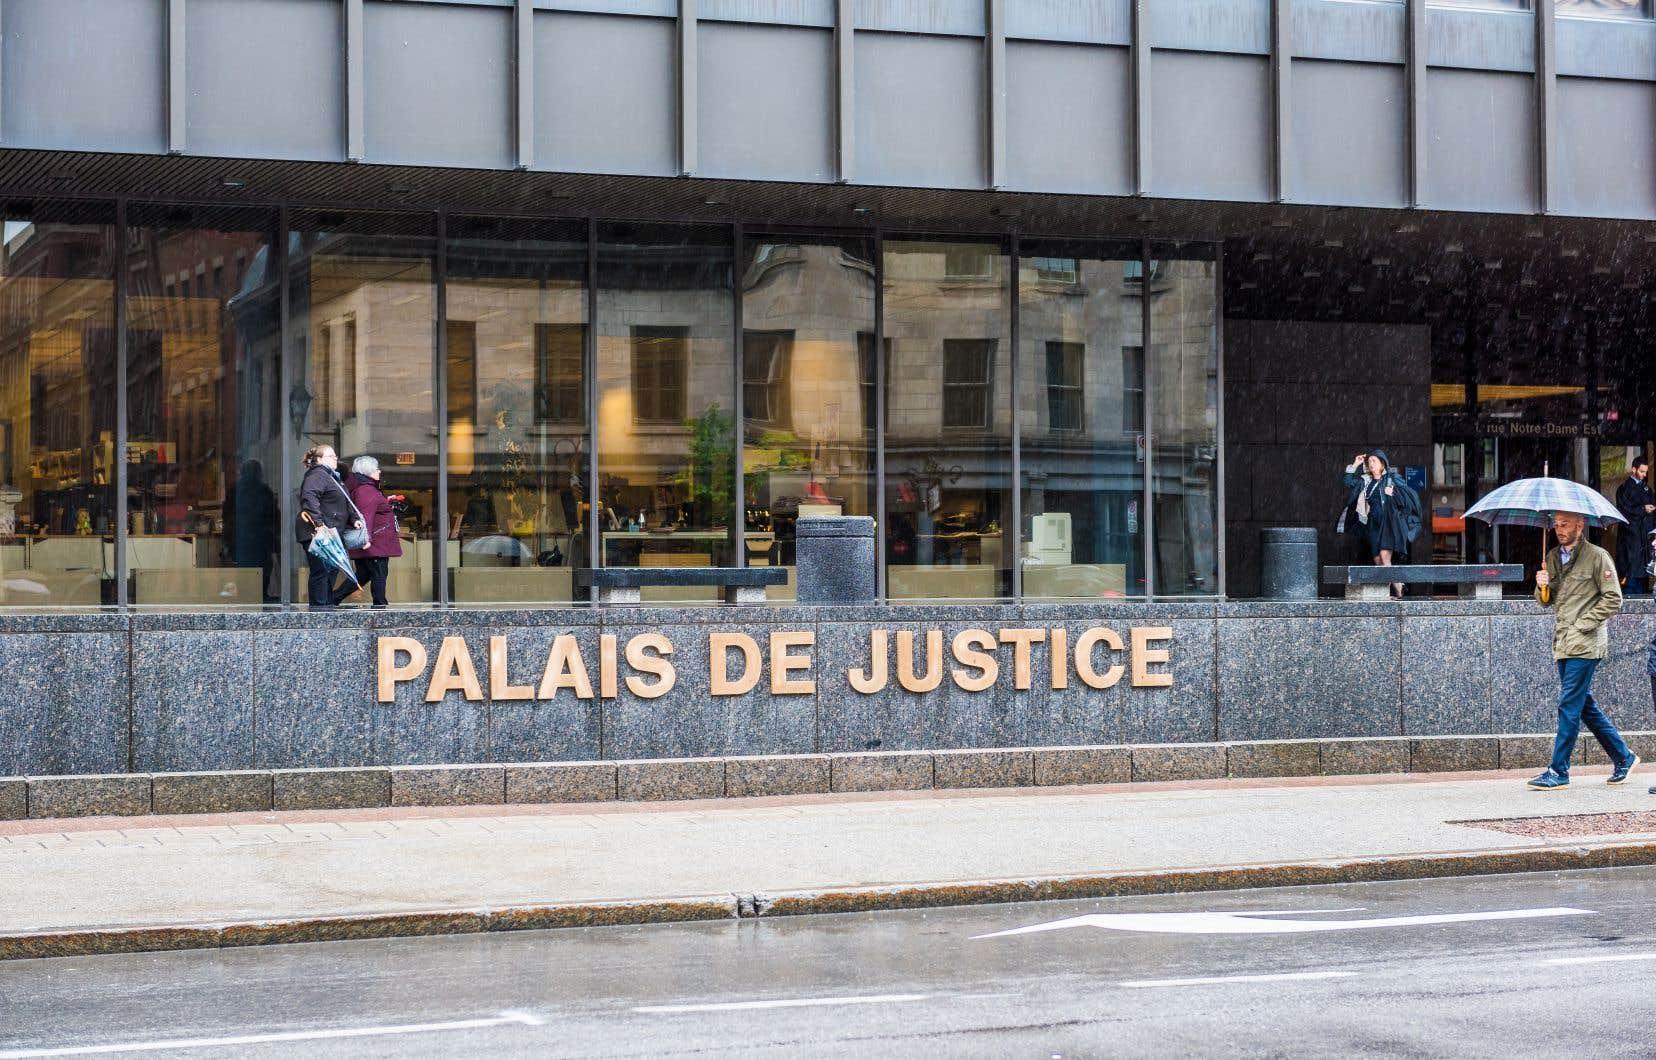 Dans un contexte où 55% des dossiers en matière civile impliquent au moins une personne non représentée par un avocat, des mesures sont plus que nécessaires en matière d'accès à la justice au Québec.